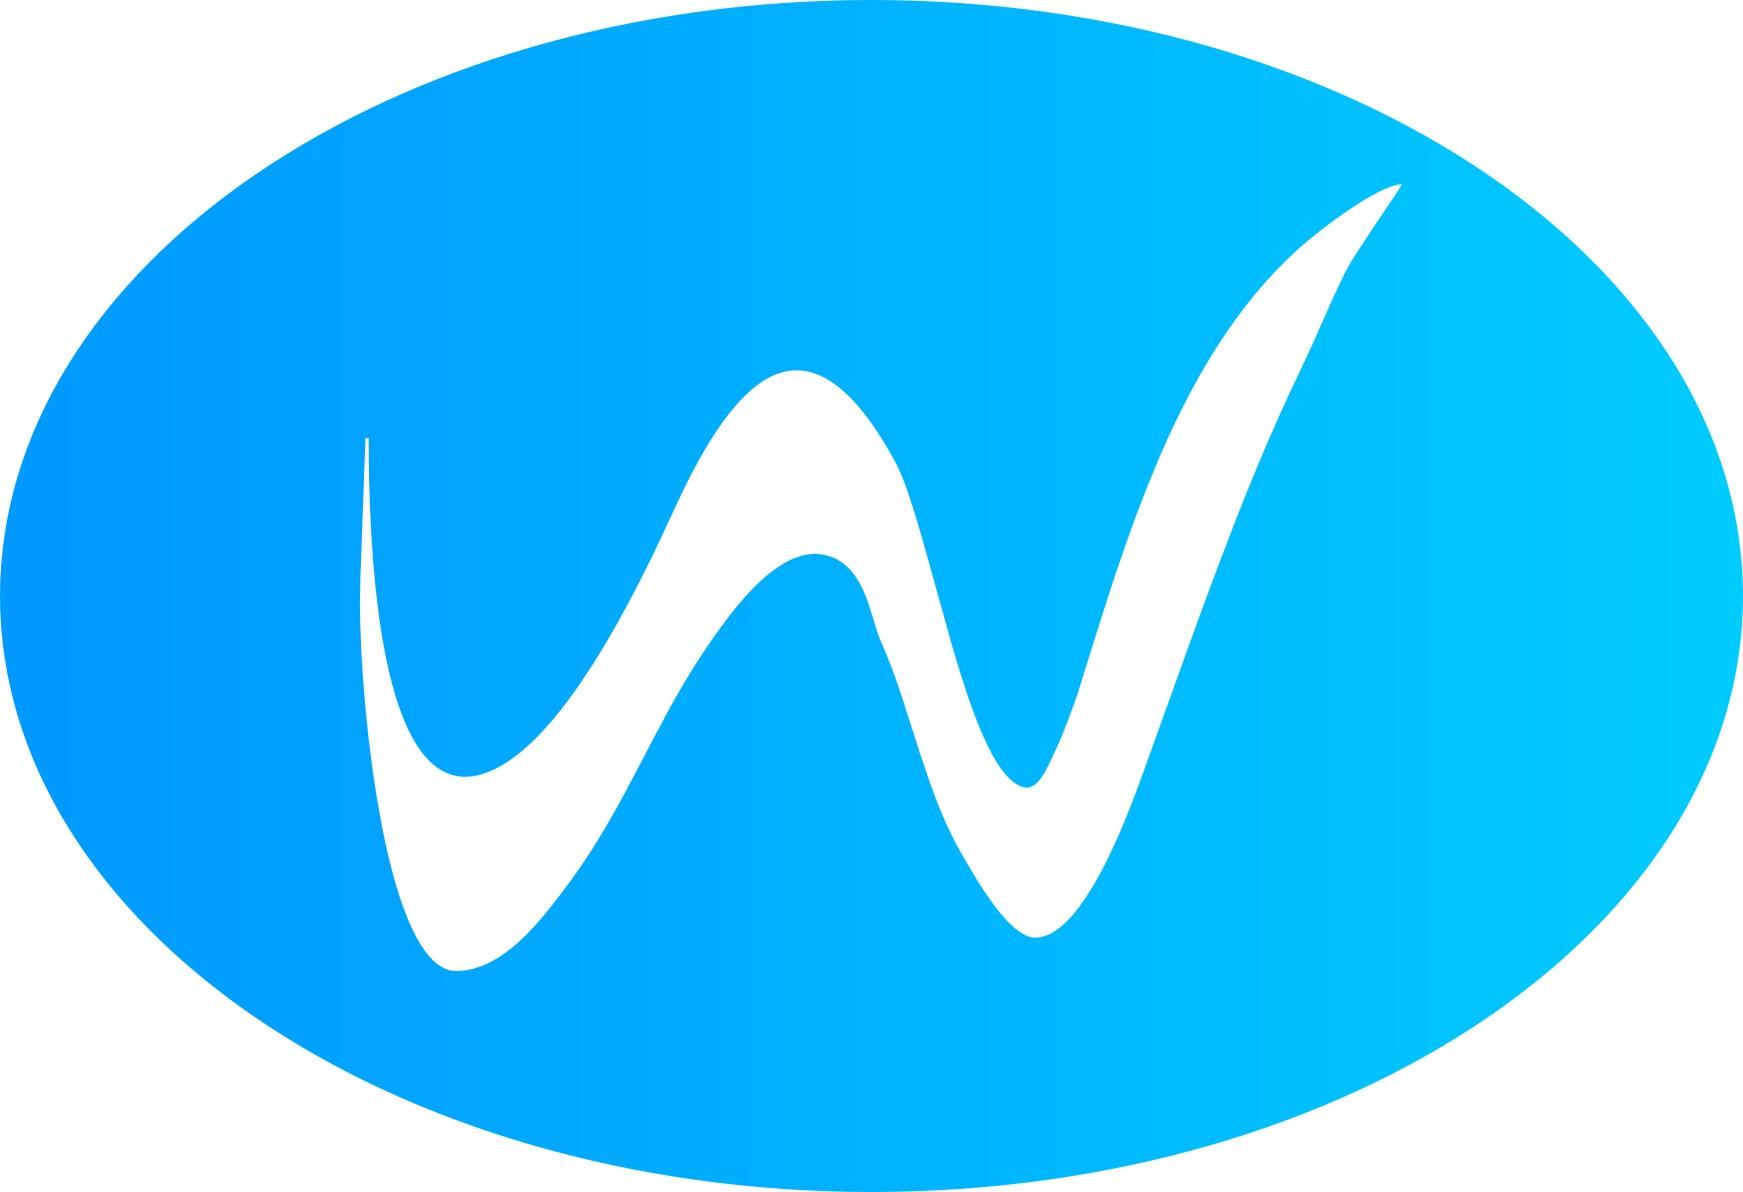 logo 标识 标志 设计 矢量 矢量图 素材 图标 1743_1192